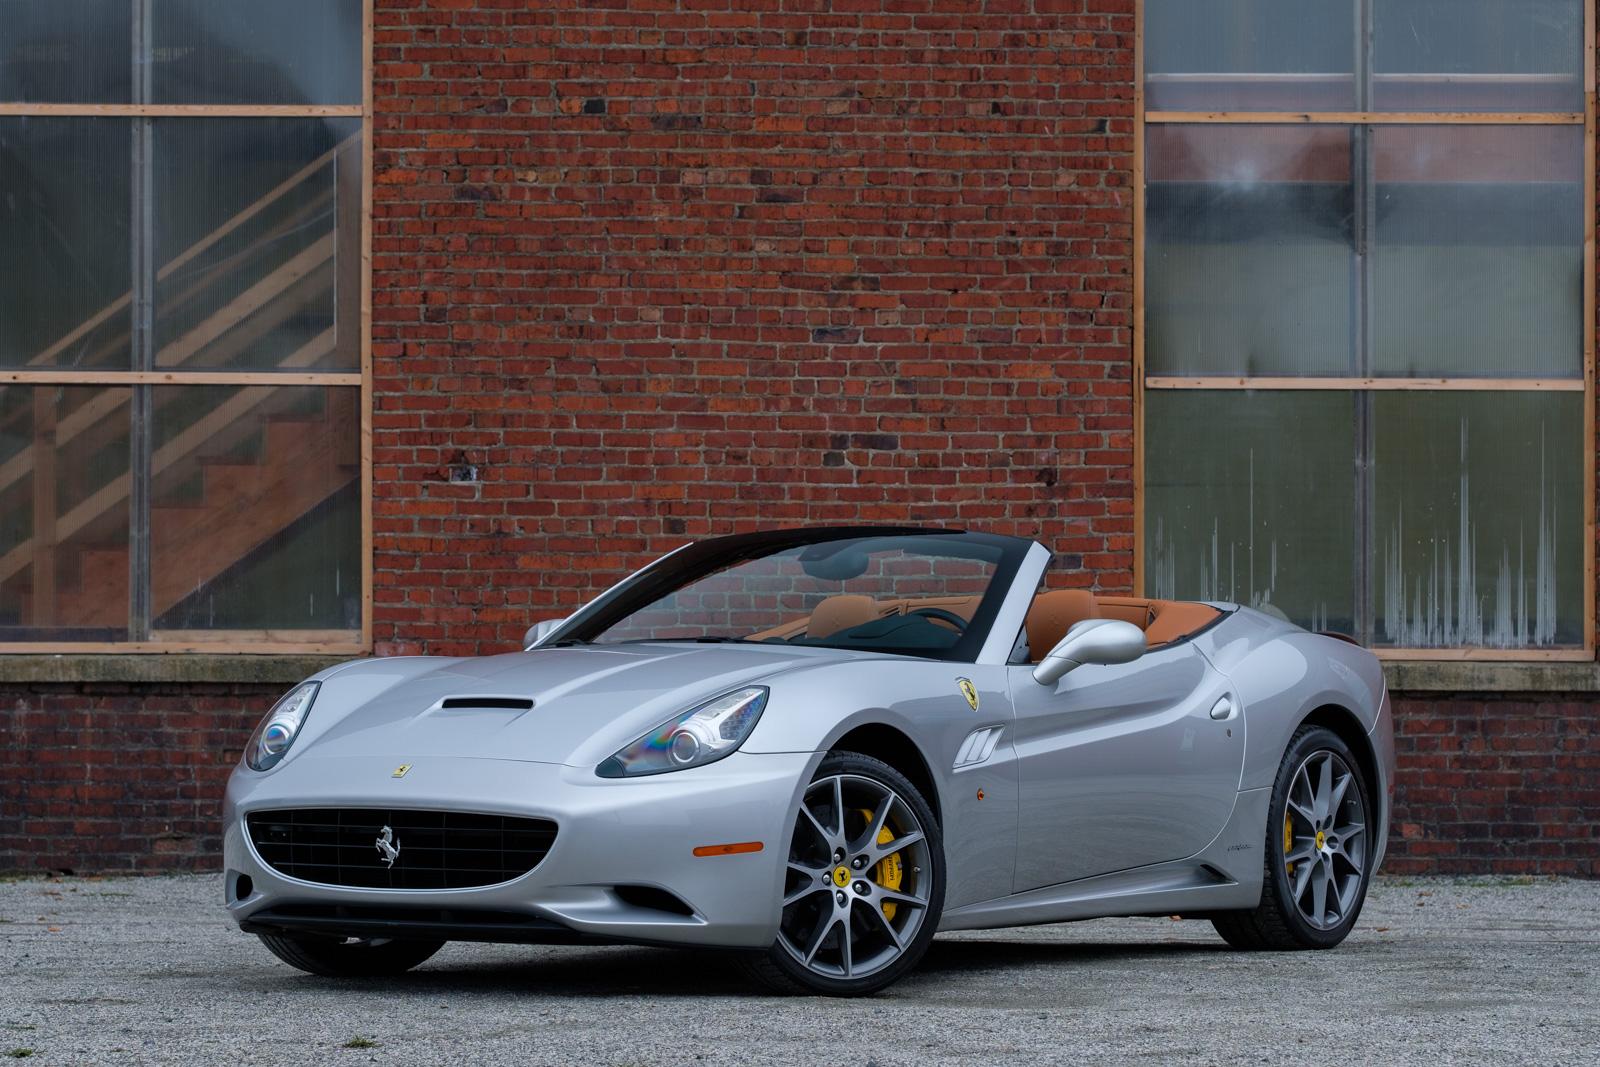 Like New 2010 Ferrari California Convertible For Sale In Victoria Bc